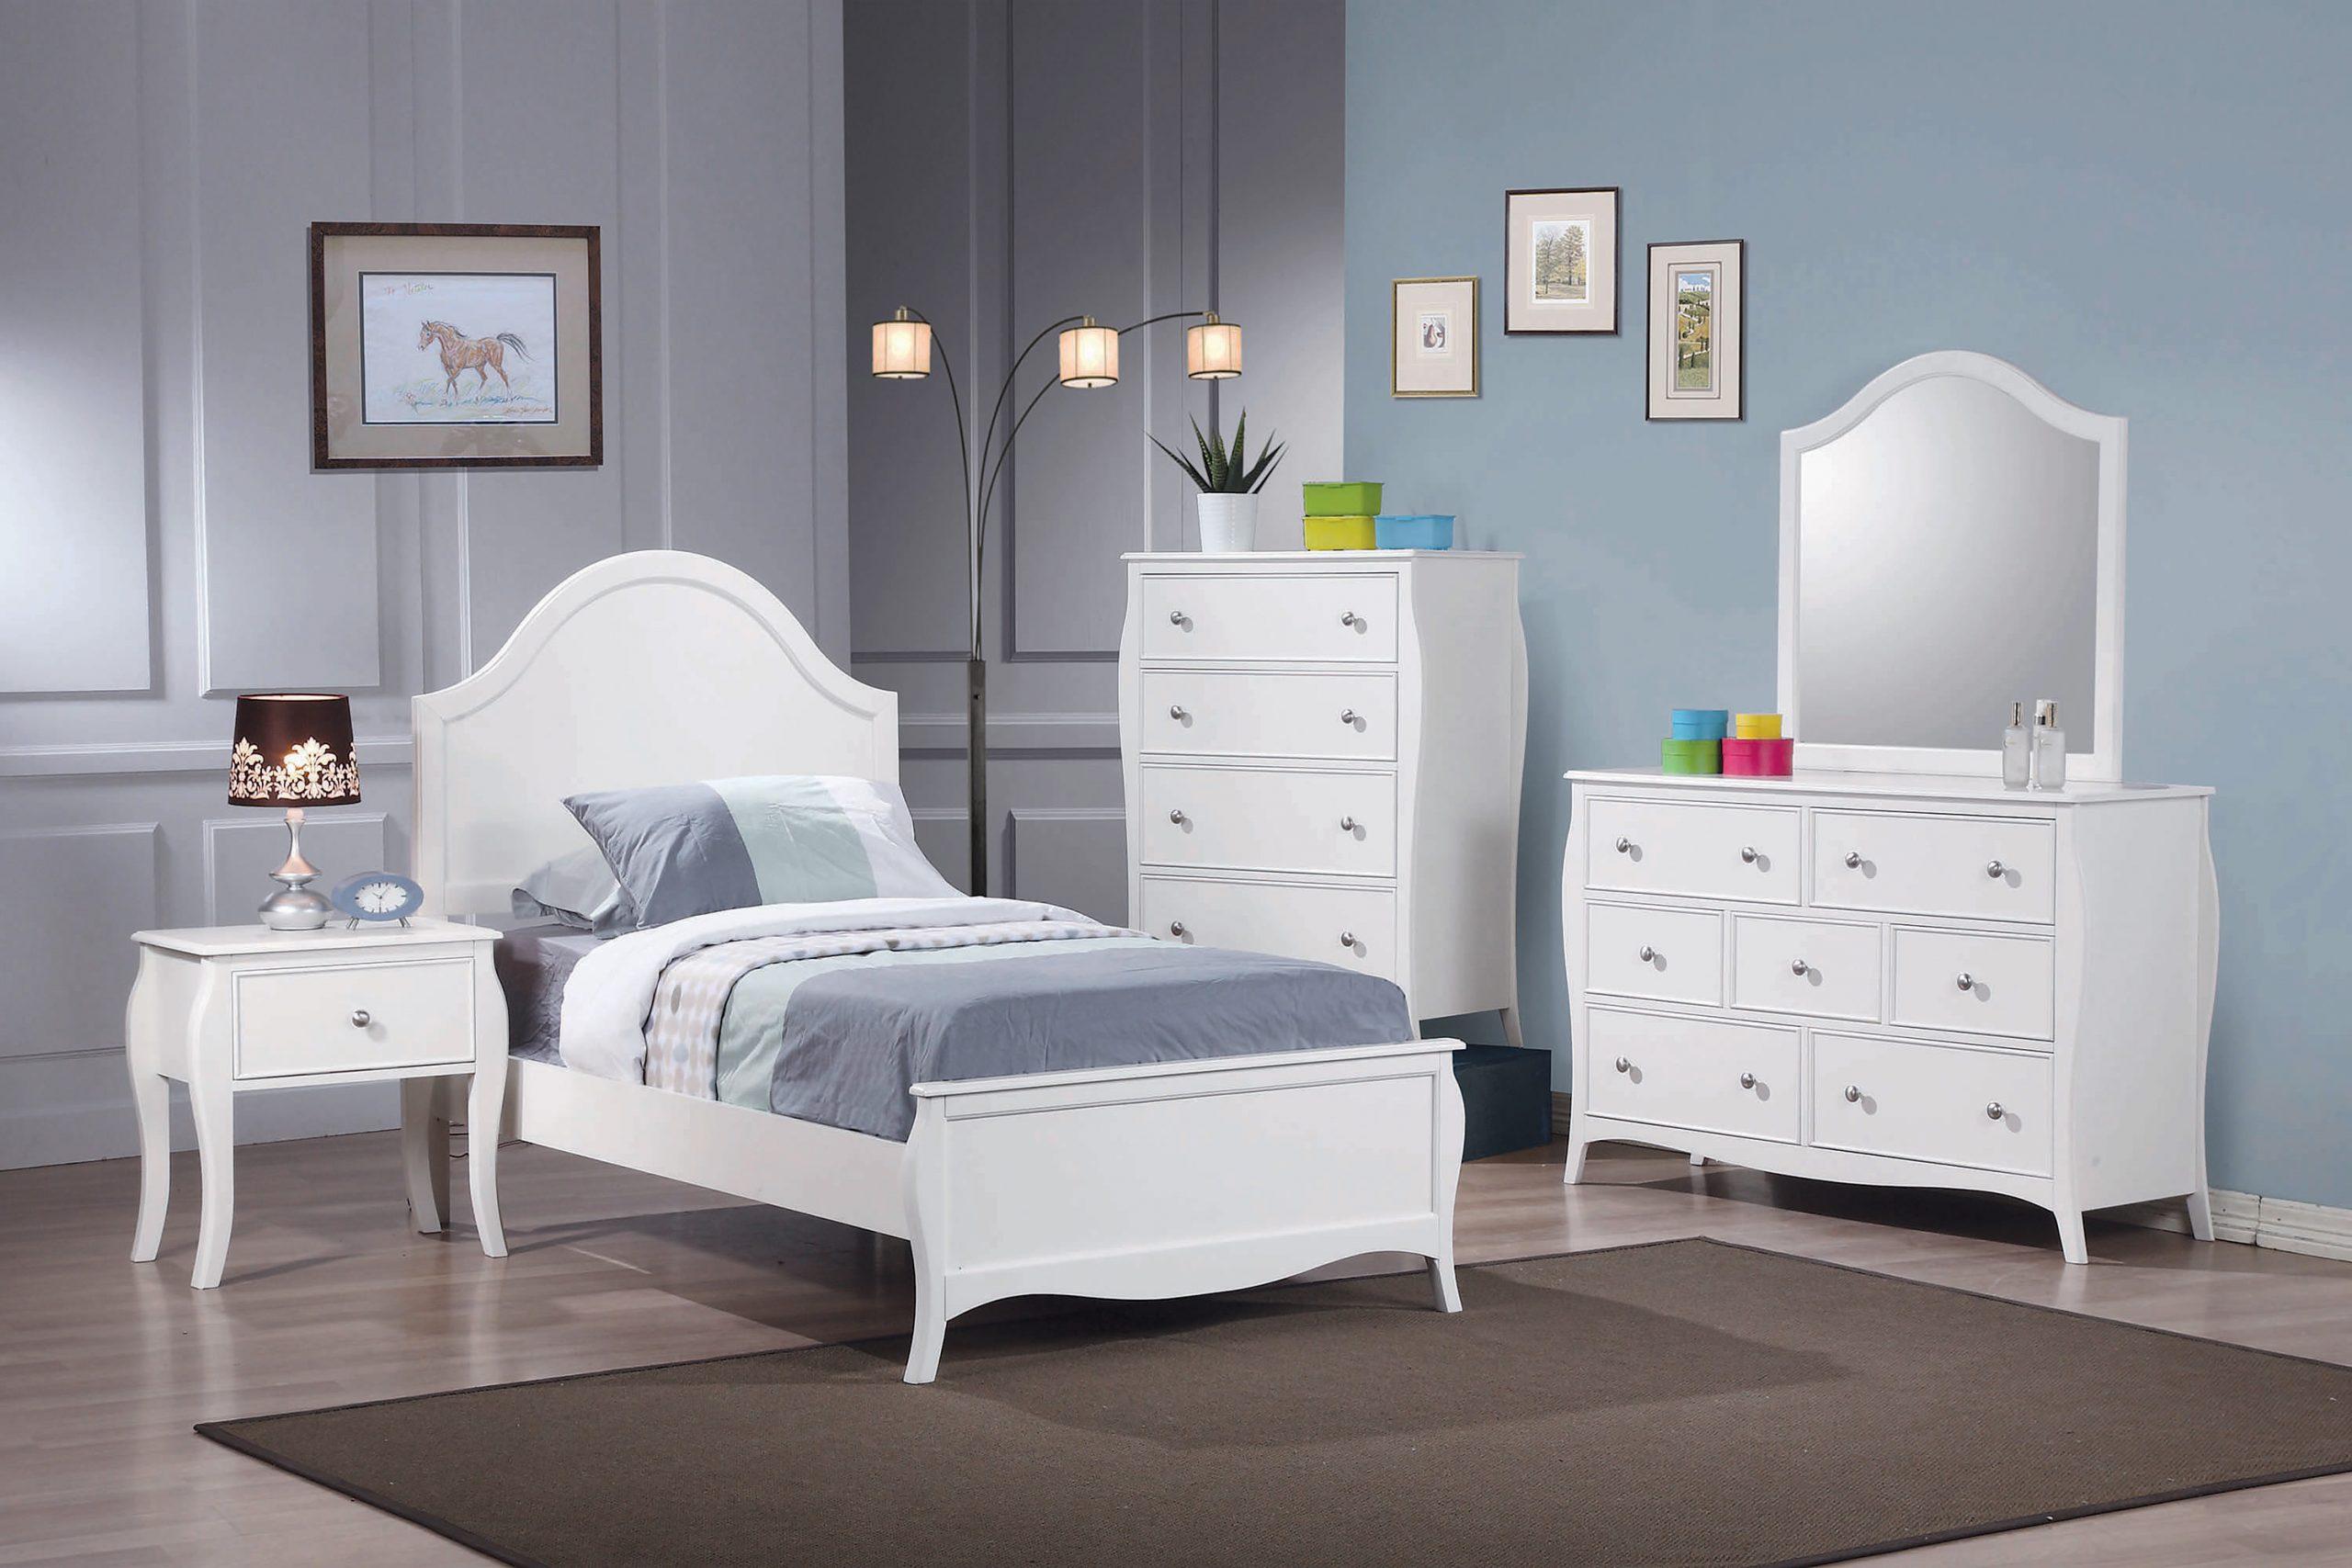 Coaster Furniture Kid's Bedroom